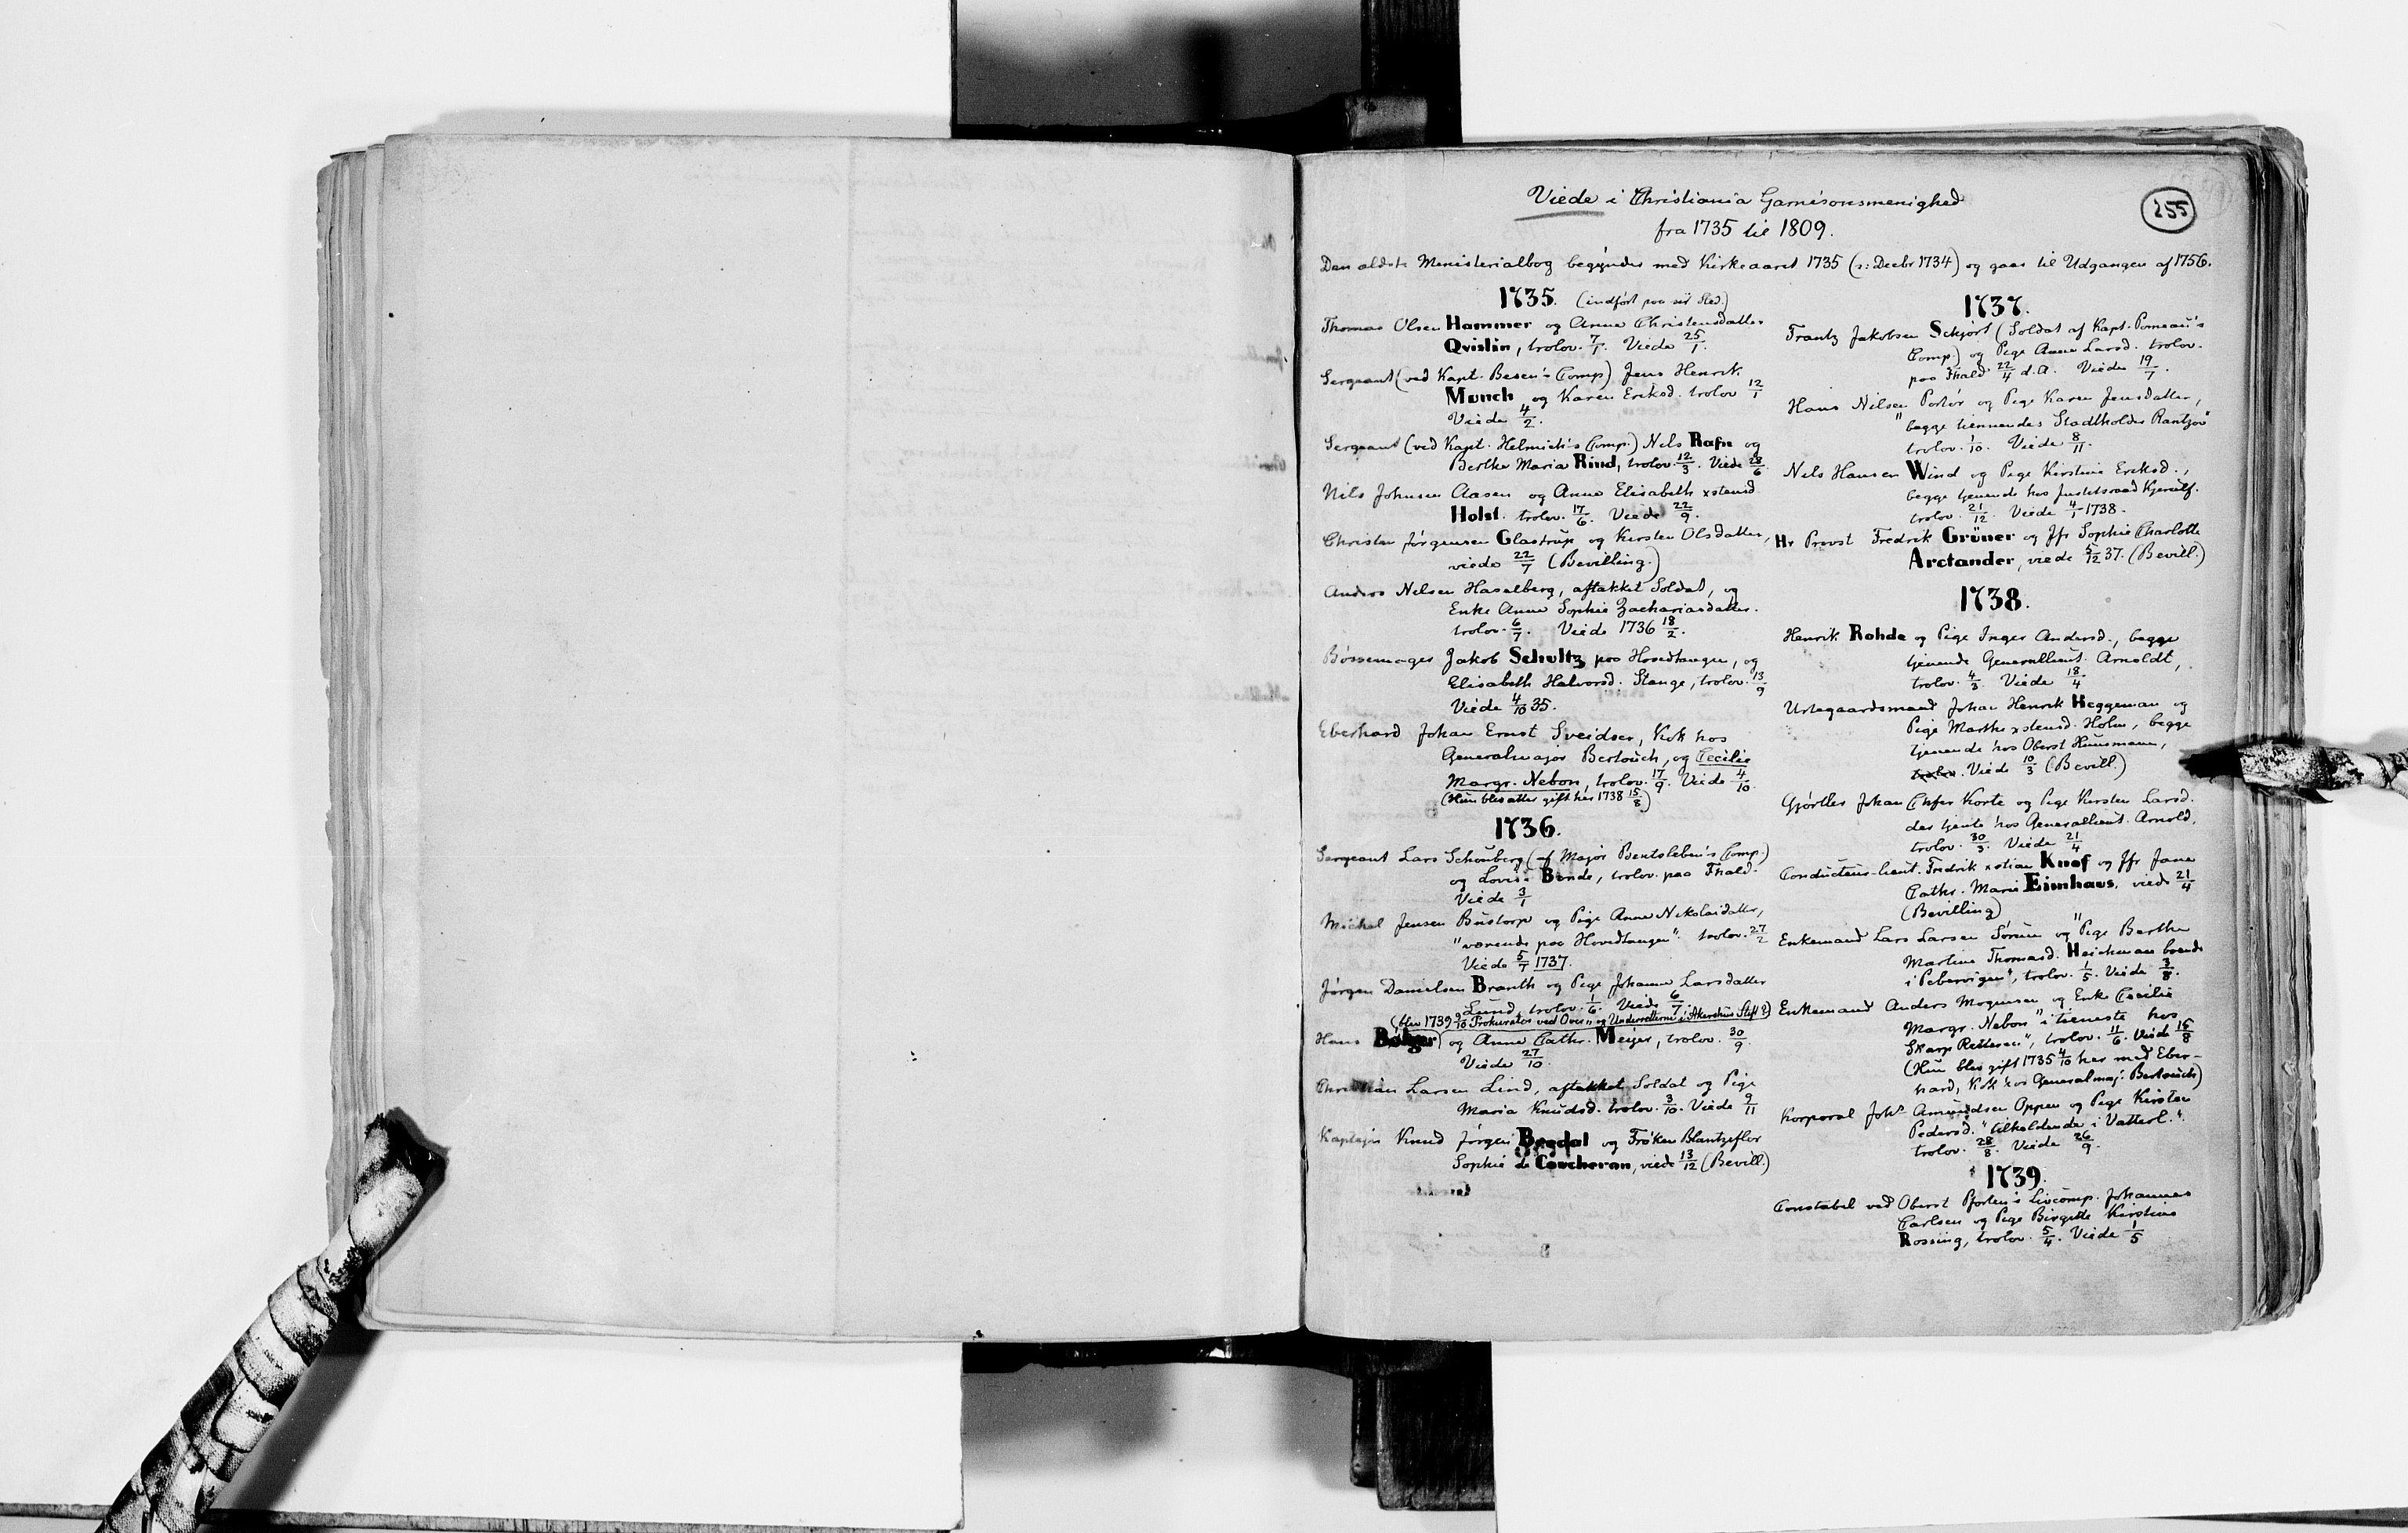 RA, Lassens samlinger, F/Fc, s. 255